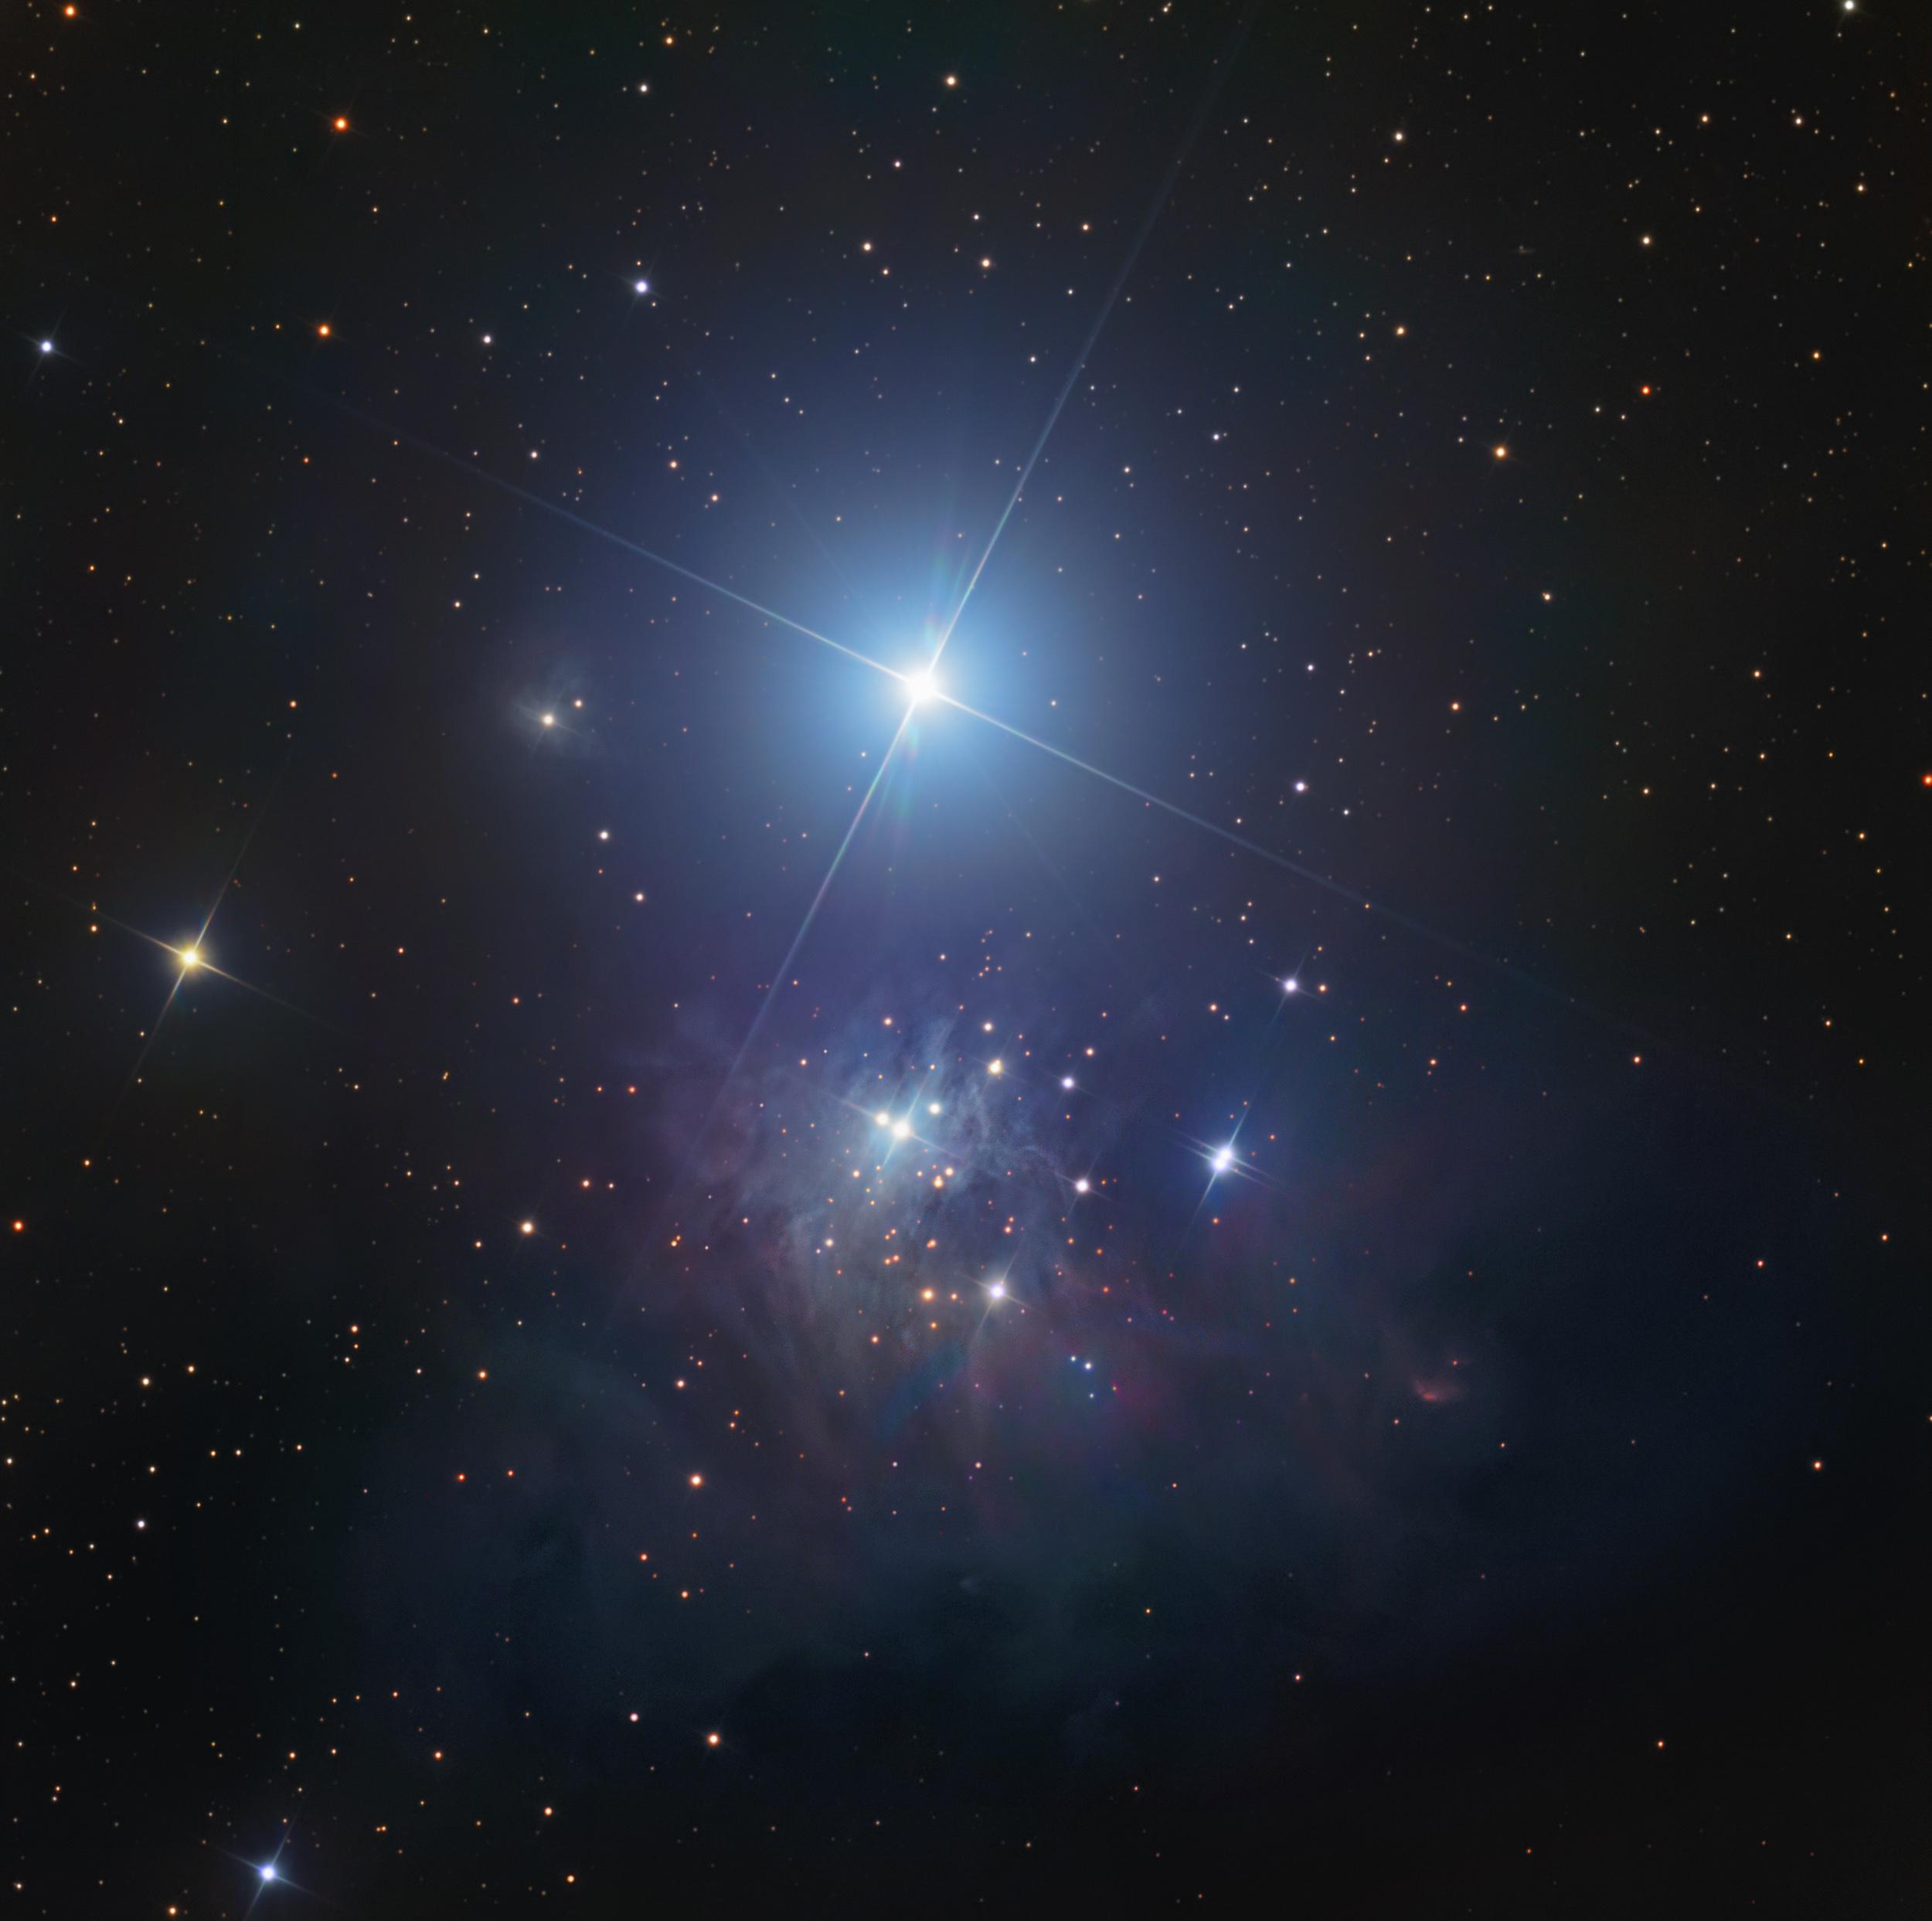 IC 348 and VdB 19